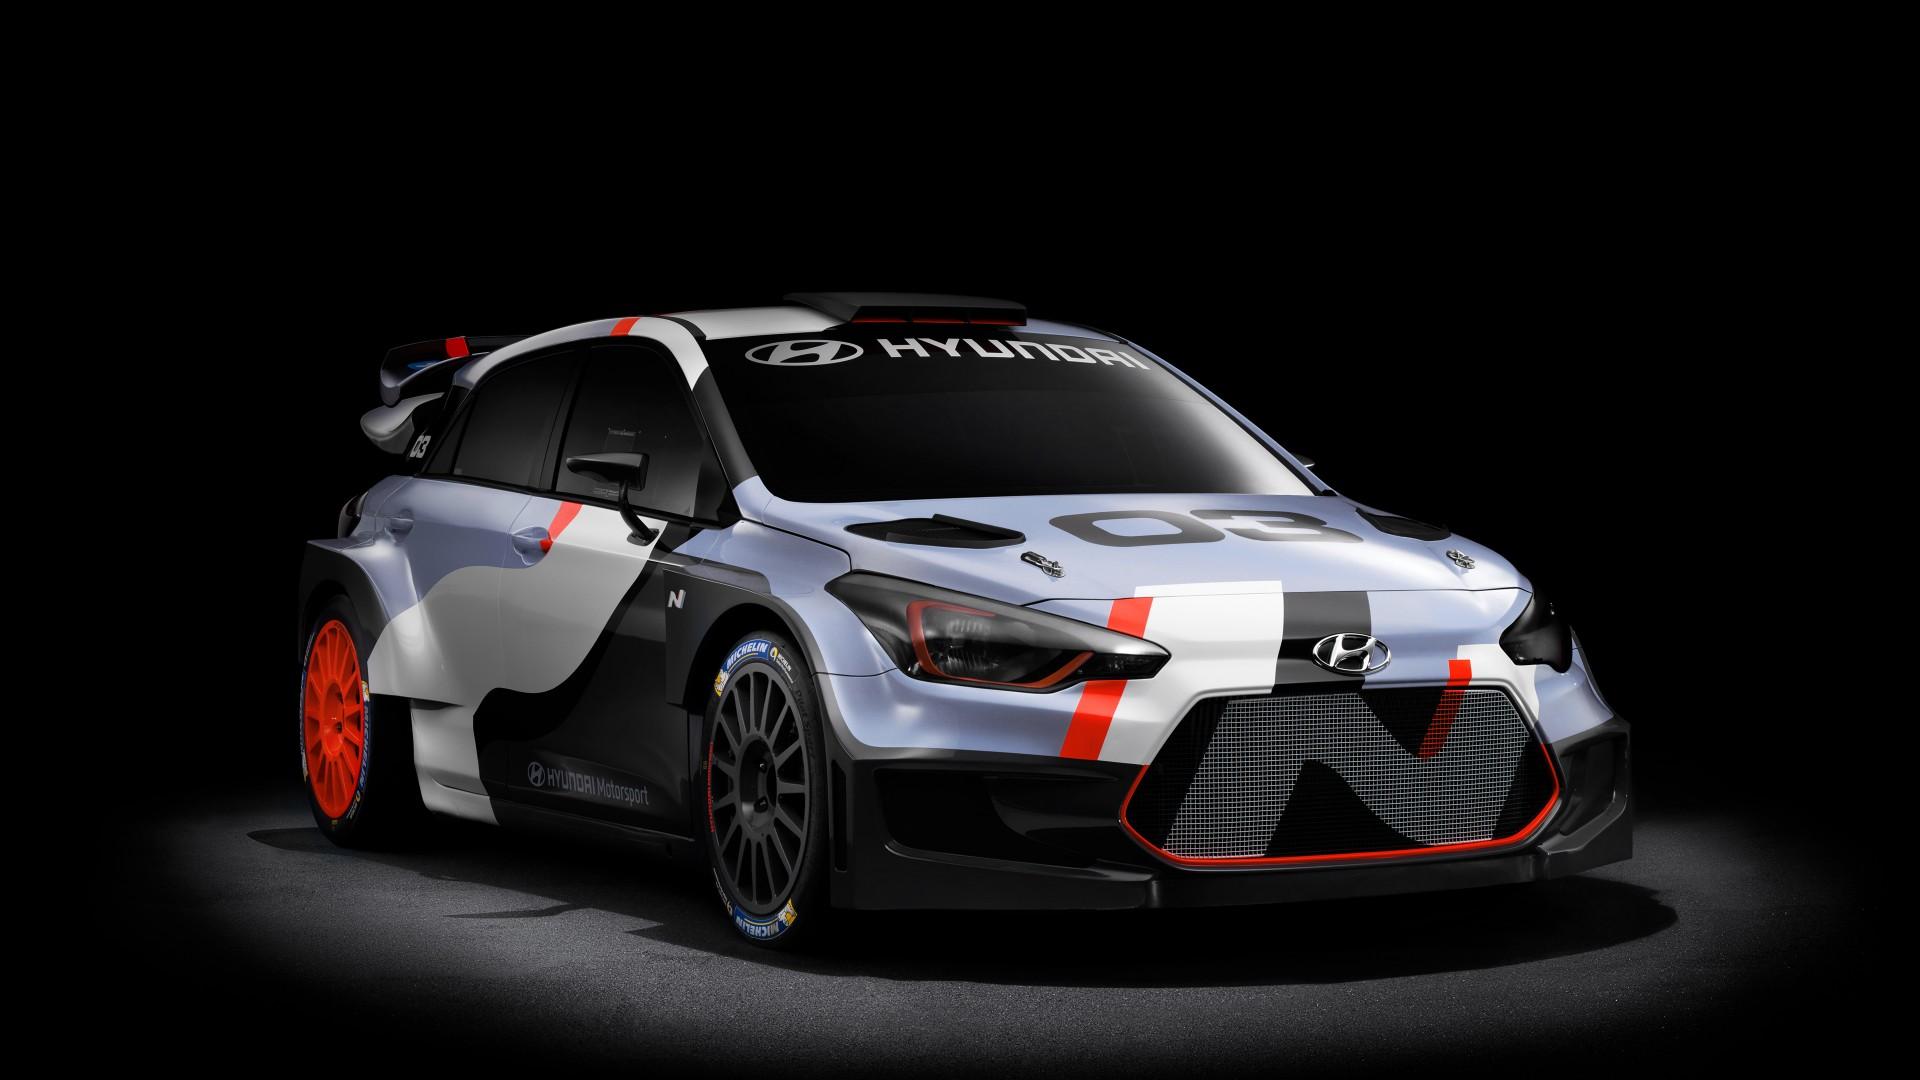 Lexus Electric Car >> 2015 Hyundai i20 WRC Concept Wallpaper | HD Car Wallpapers | ID #5783